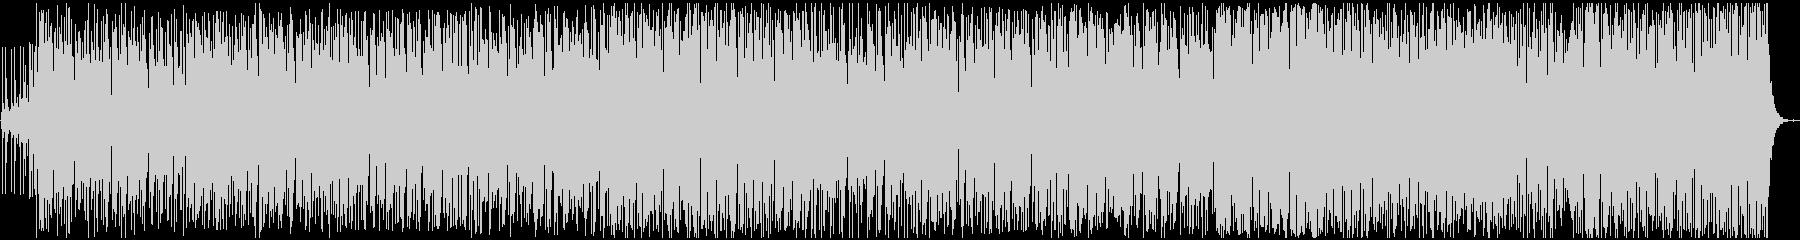 活動的で明るいイメージのBGMの未再生の波形